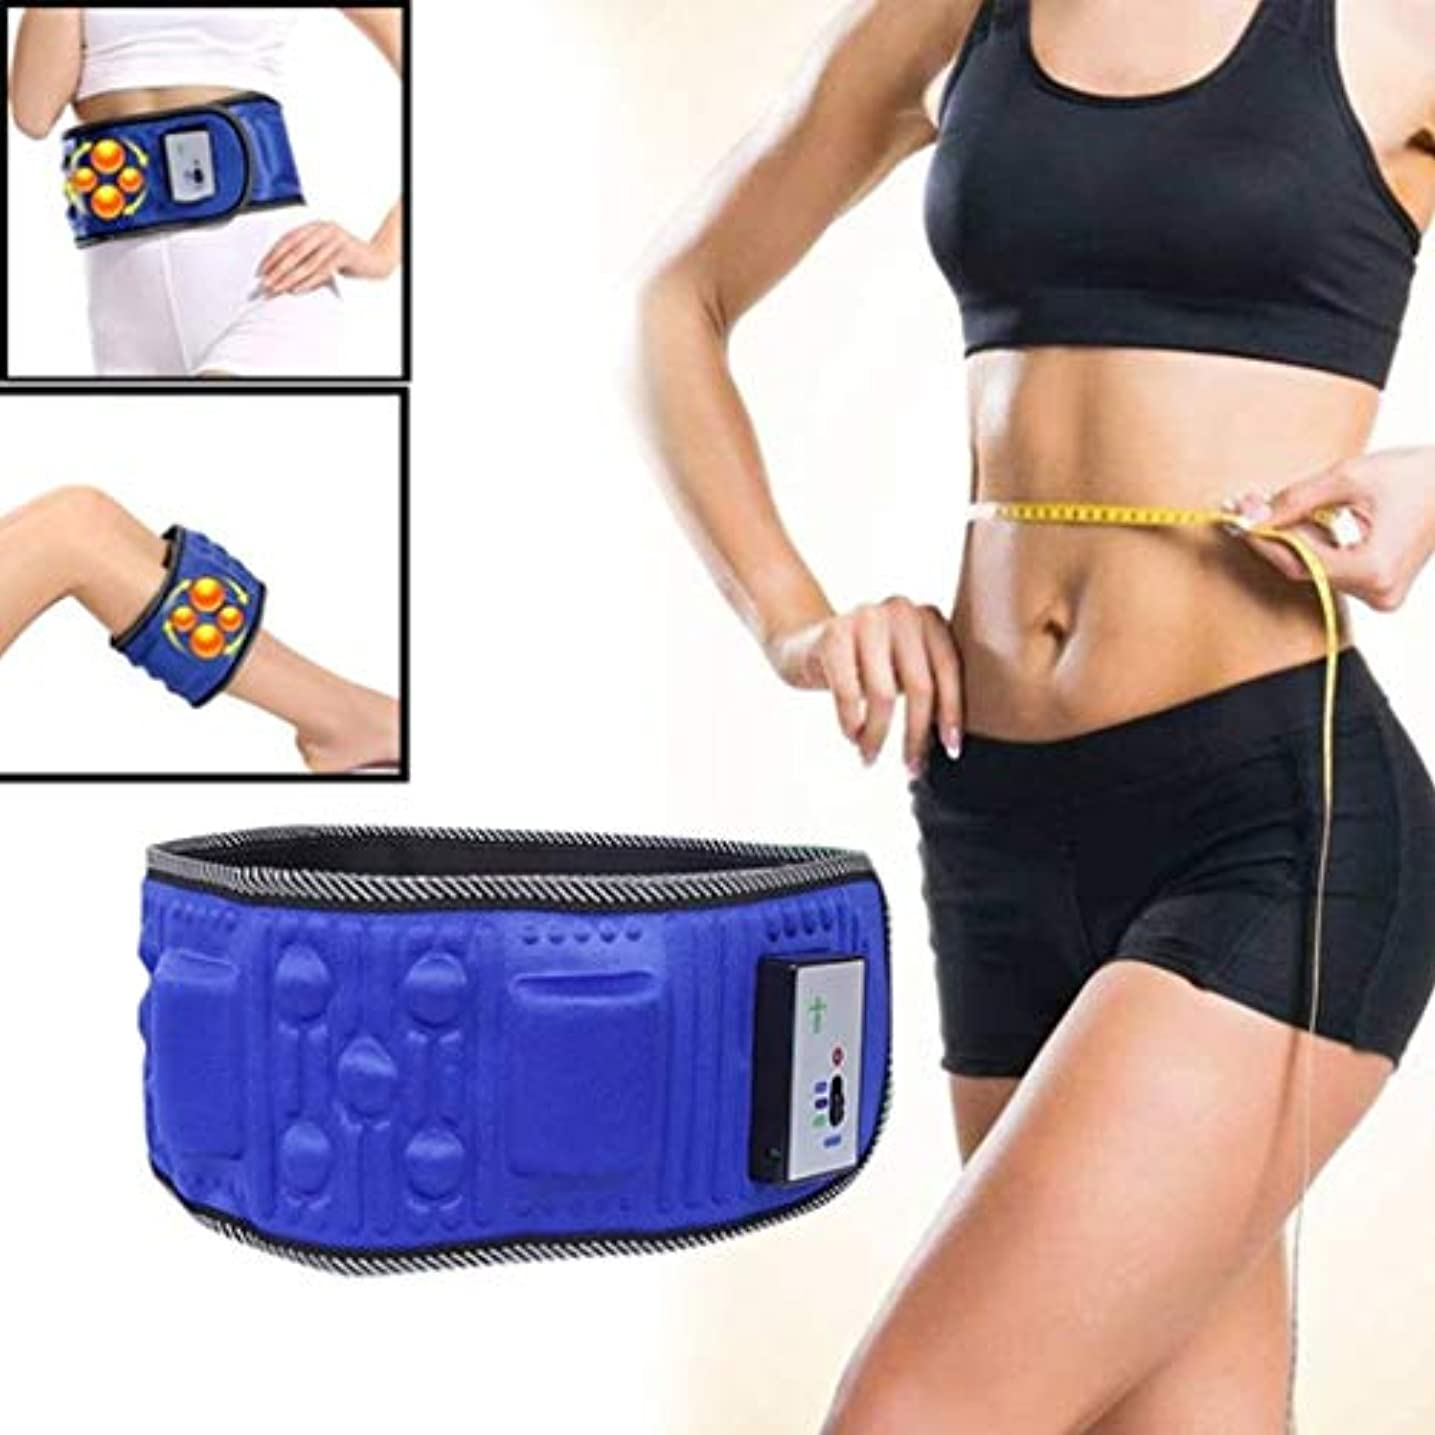 学んだランチ動揺させる腰マッサージャー、電動振動痩身ベルトマッサージャー、痩身ベルト振動脂肪燃焼痩身ベルト、ウエストトレーナー